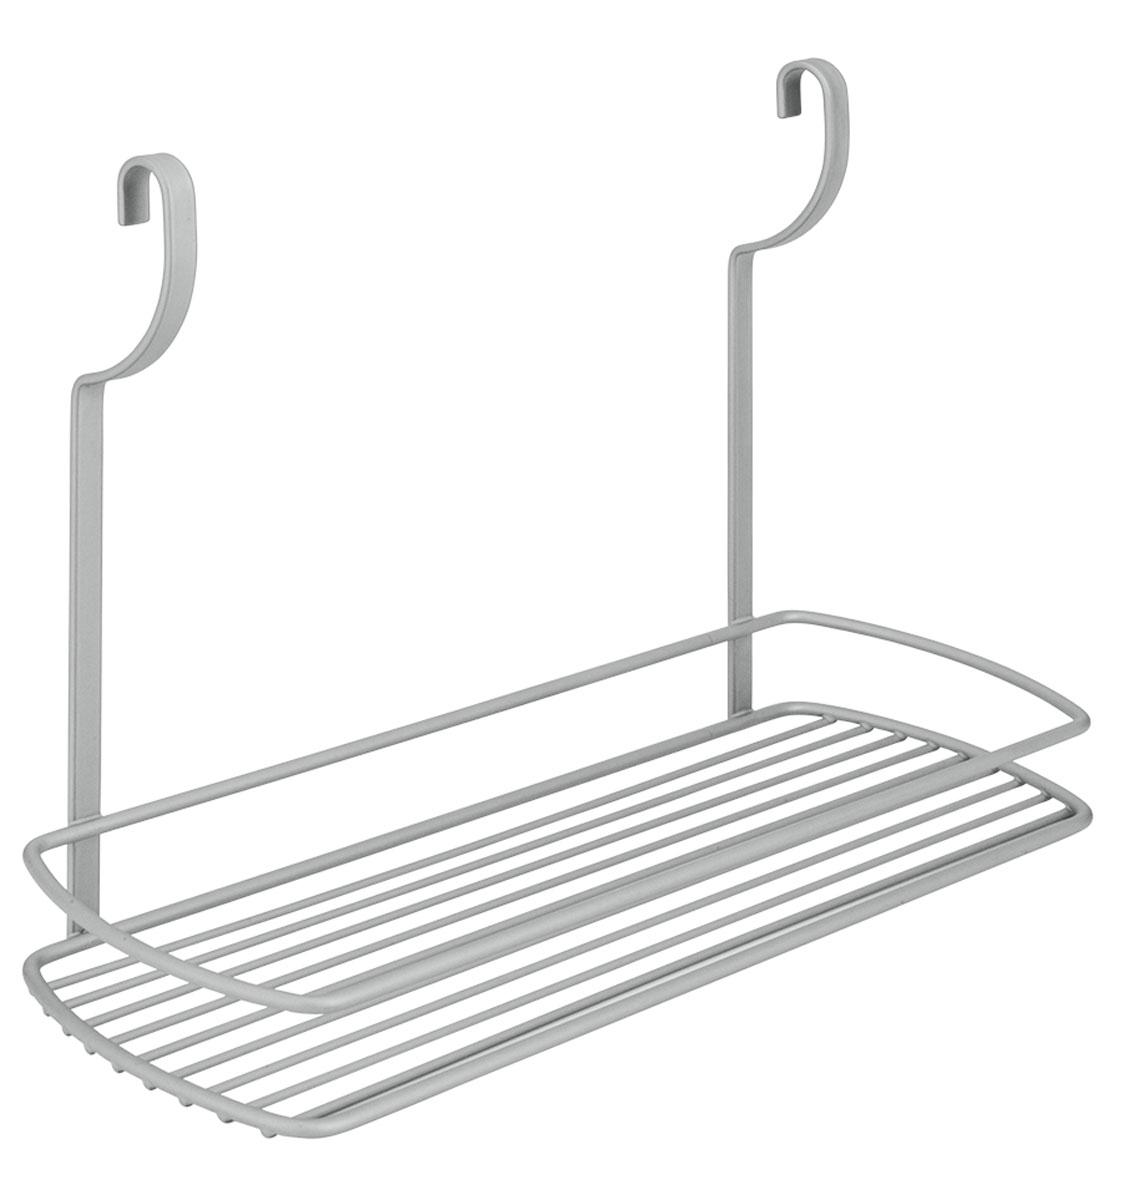 Полка навесная Metaltex City, 35 х 13 х 26 см35.07.10Навесная полка Metaltex City изготовлена из стали и покрыта новым полимерным покрытием Frost Polytherm. Такая полка не только экономит место на вашей кухне, но и обеспечивает наглядность, порядок и удобный доступ к кухонным принадлежностям. Современный дизайн делает ее практичным и стильным домашним аксессуаром. Она пригодится для хранения различных кухонных или других принадлежностей, которые всегда будут под рукой. Полка устанавливается на рейлинг с помощь двух крючков. Гарантия производителя на покрытие составляе 3 года.